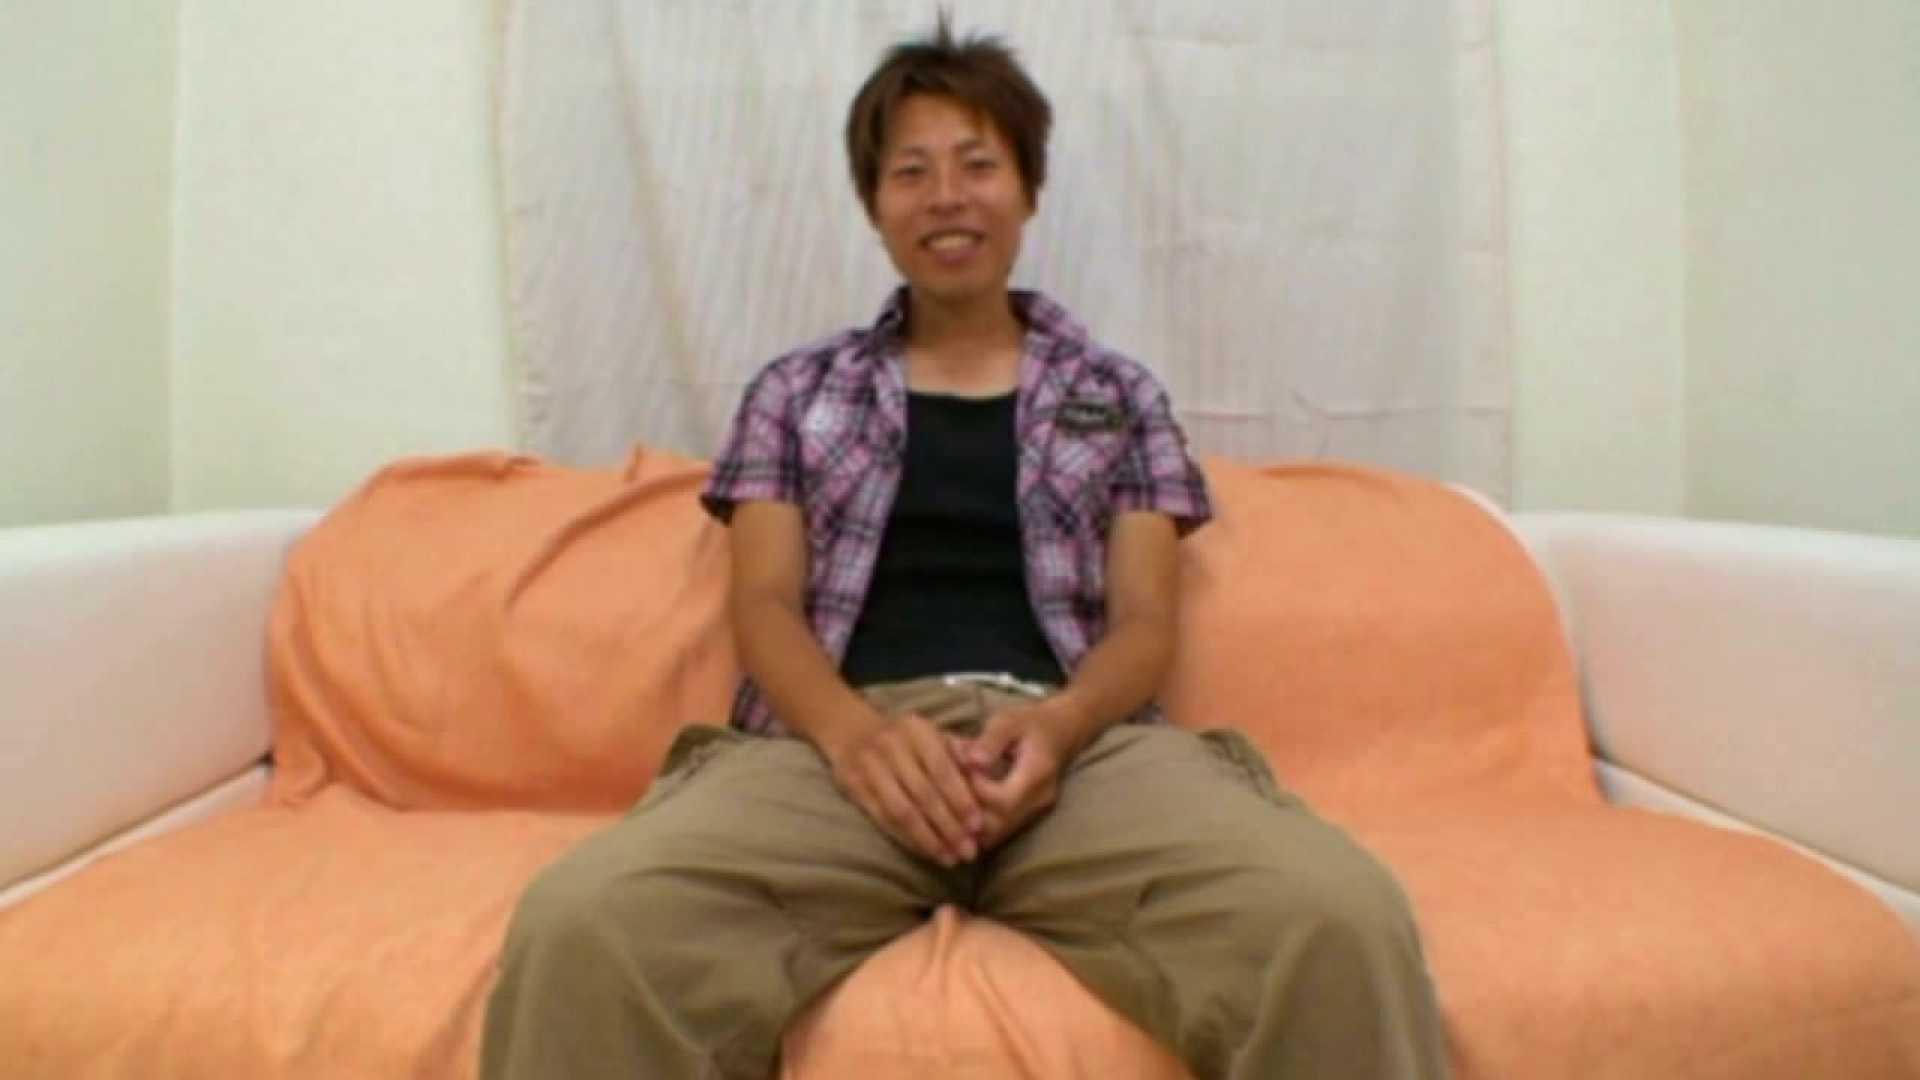 ノンケ!自慰スタジオ No.10 ノンケまつり ゲイ無料エロ画像 103枚 52